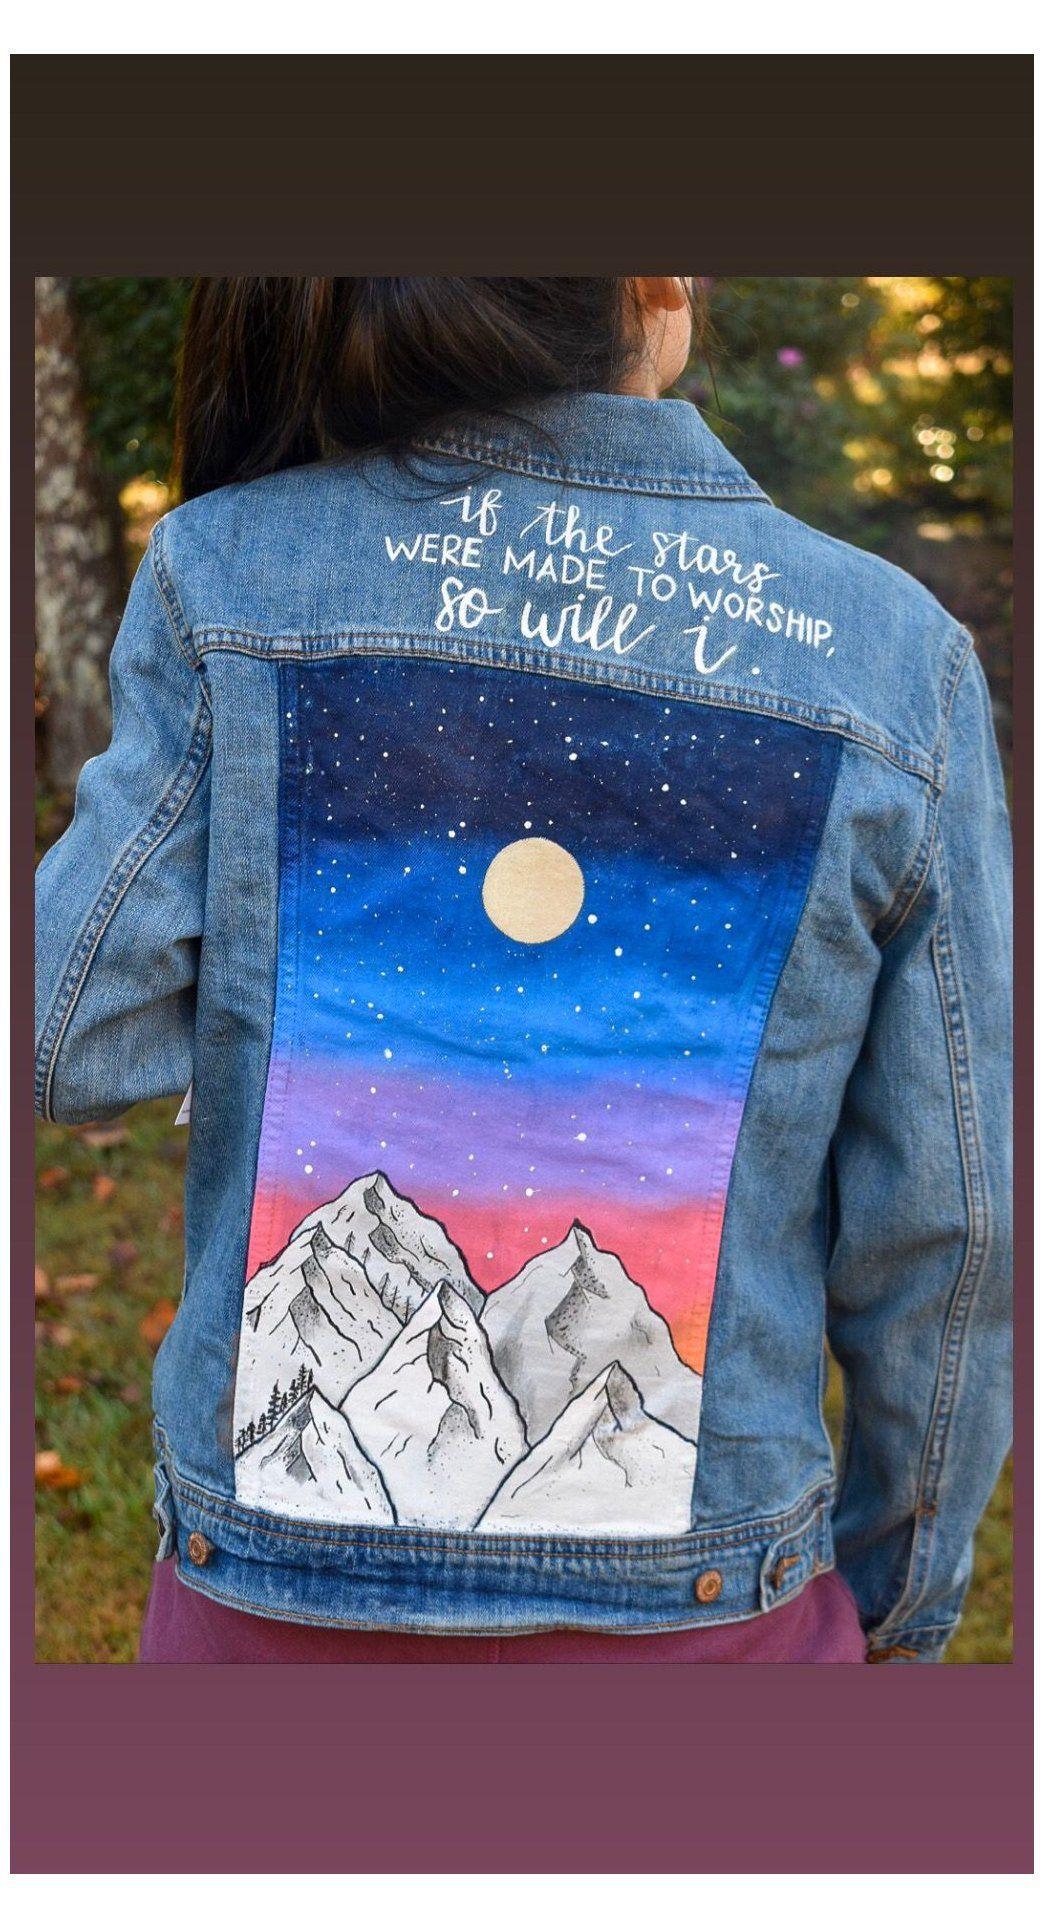 Hand Painted Denim Jacket With Landscape Painted Jean Jacket Ideas Handpainted Denim Jacket Availa Painted Denim Painted Clothes Diy Denim Jacket Diy Paint [ 1928 x 1044 Pixel ]